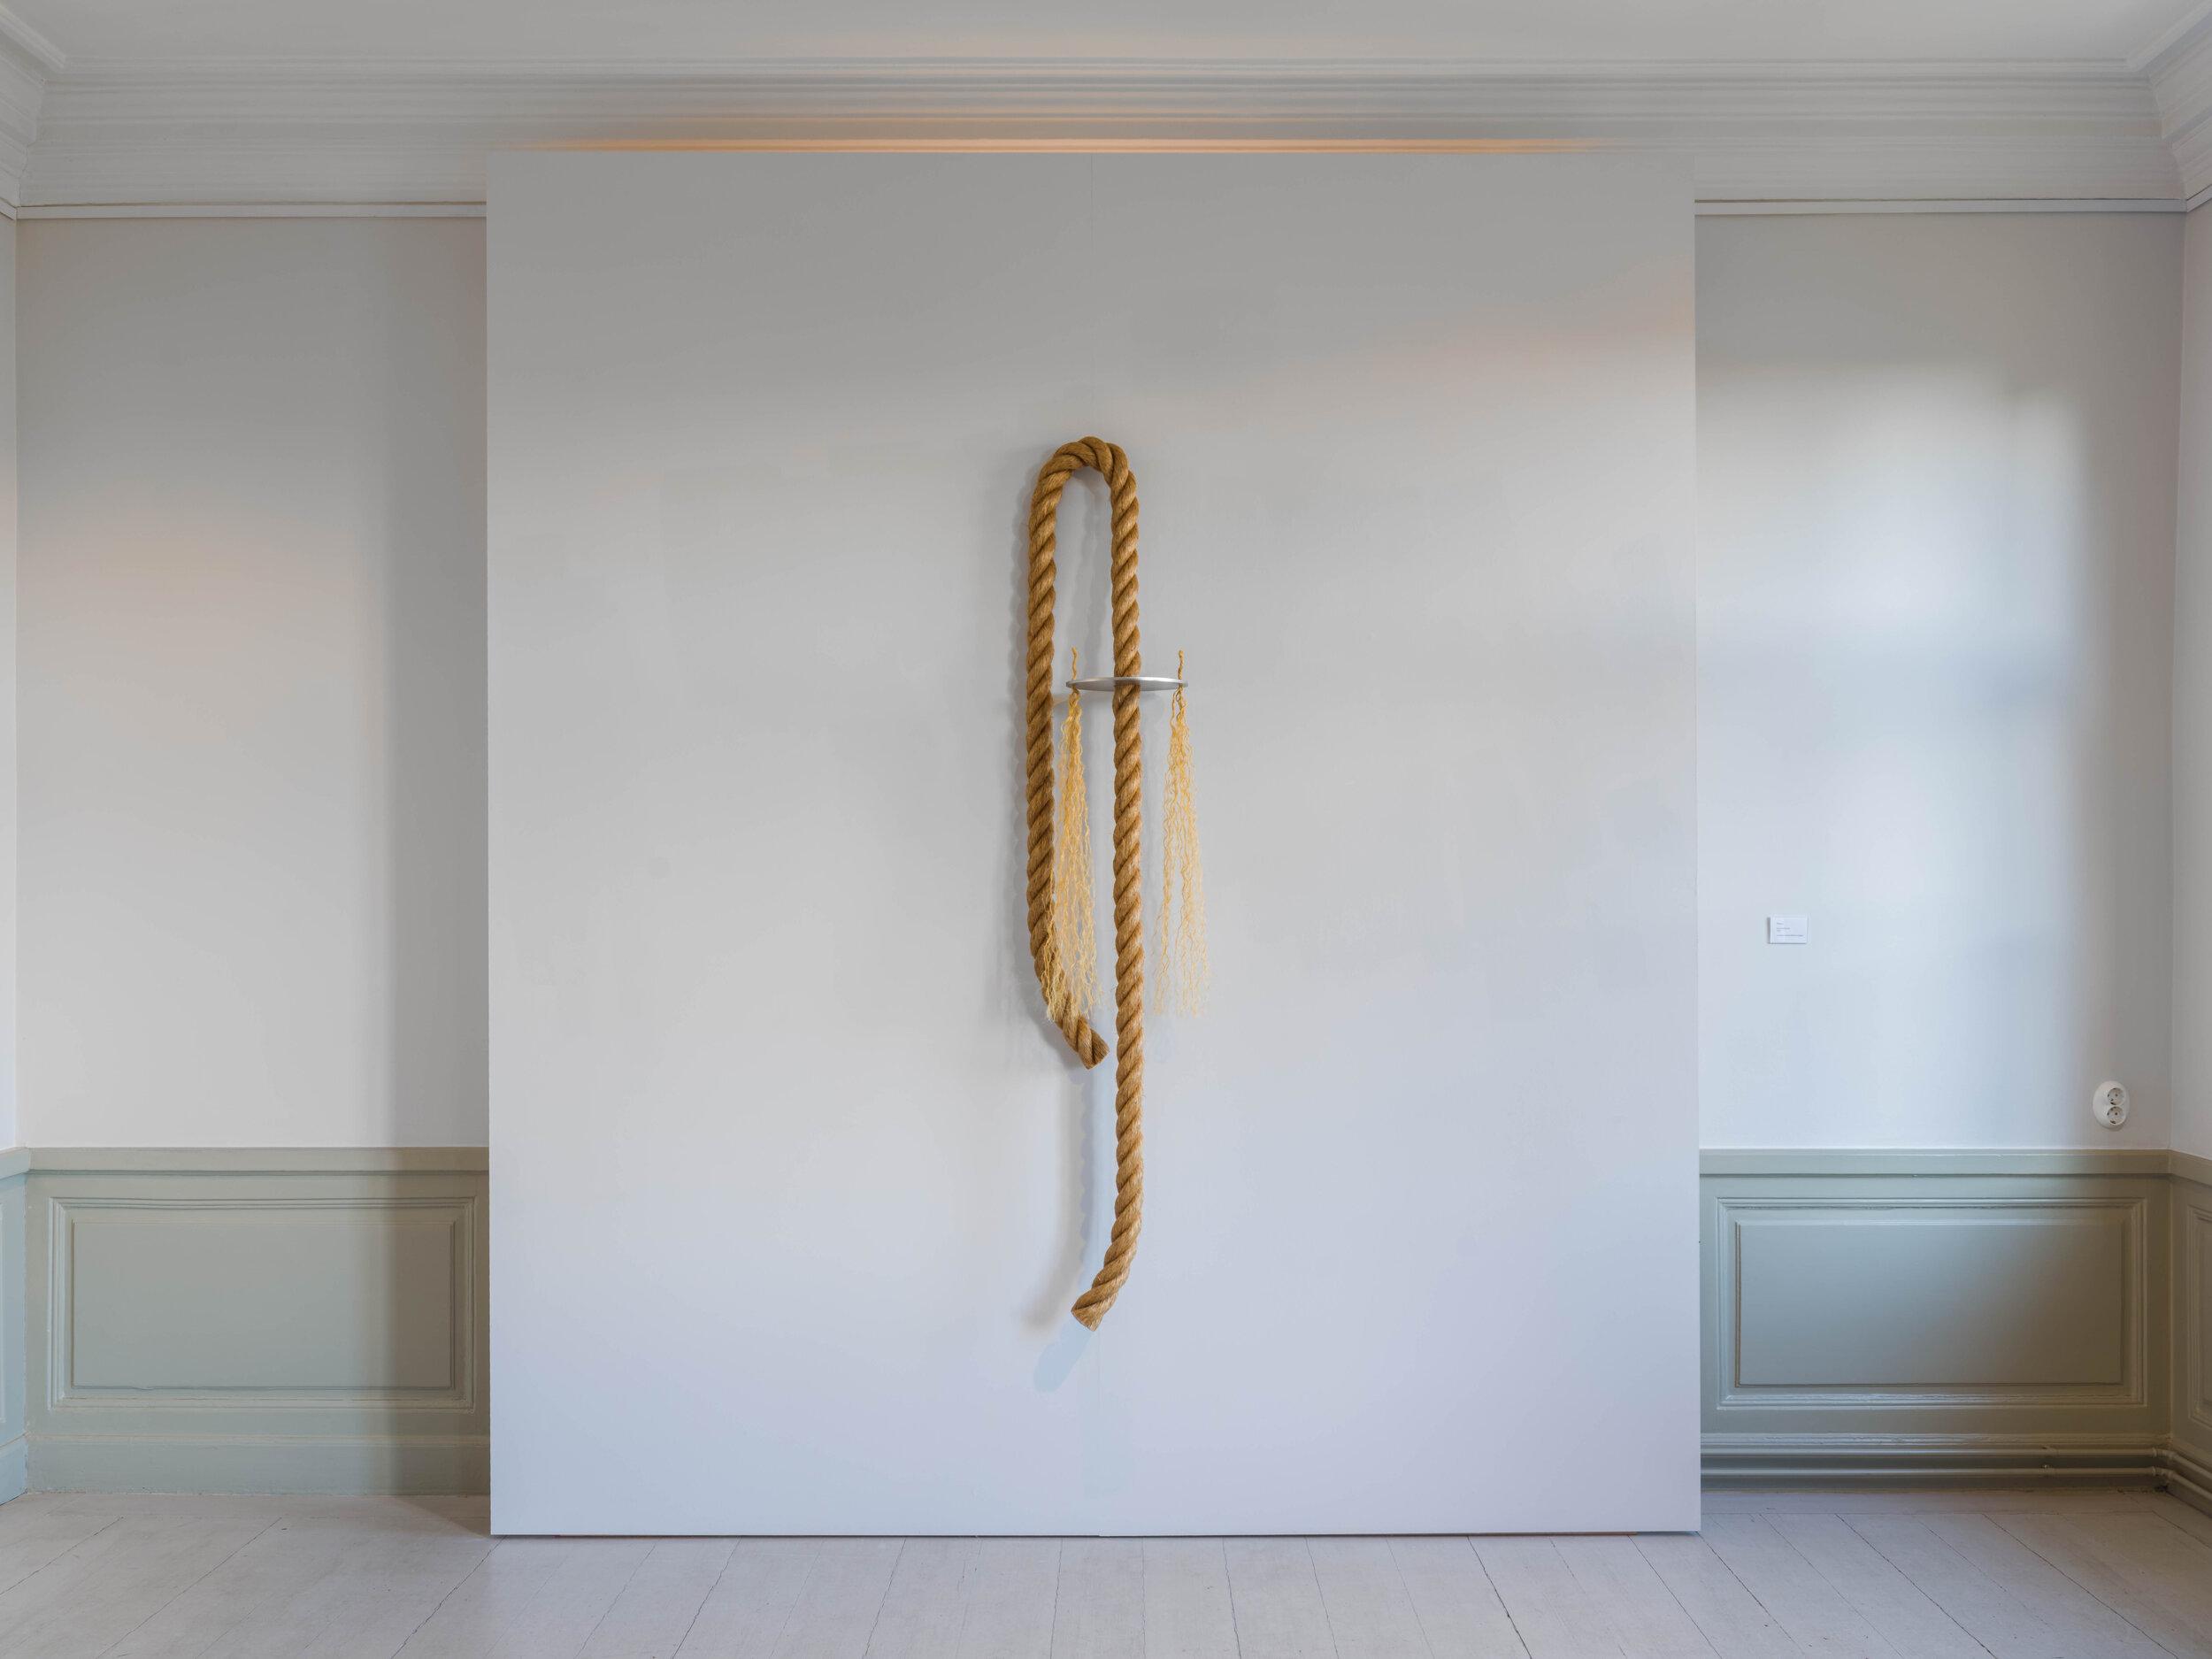 Flickan, 2020, Rope, stainless steel, 190 x 55 cm